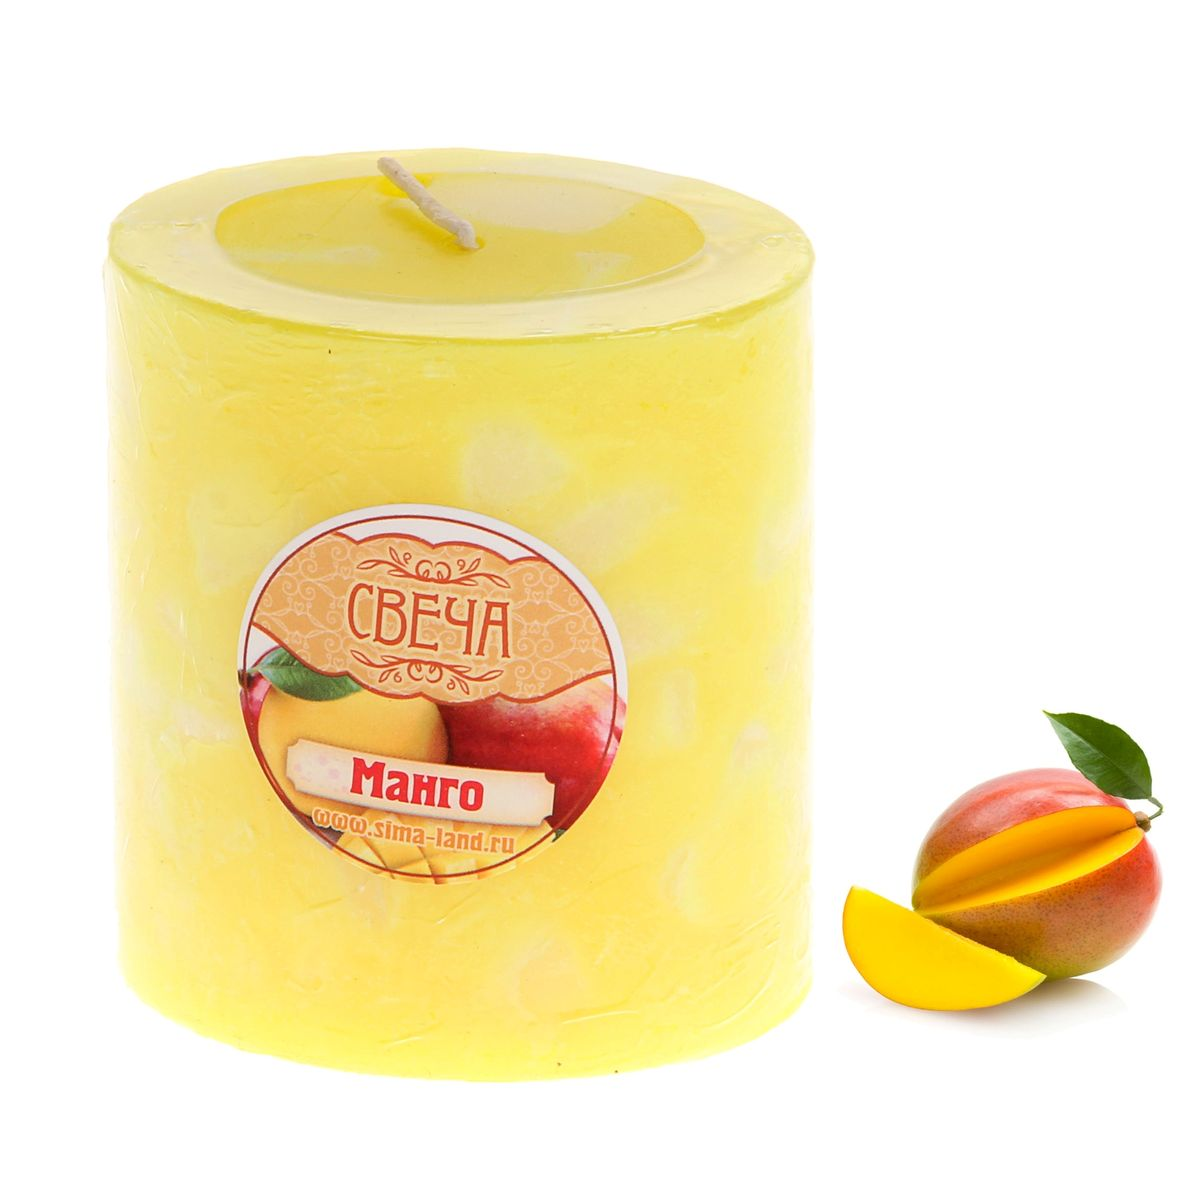 Свеча ароматизированная Sima-land Слияние, с ароматом манго, цвет: желтый, белый, высота 7 см719134Ароматизированная свеча Sima-land Слияние изготовлена из воска. Изделие отличается оригинальным дизайном и приятным ароматом манго.Свеча Sima-land Слияние - это прекрасный выбор для тех, кто хочет сделать запоминающийся презент родным и близким. Она поможет создать атмосферу праздника. Такой подарок запомнится надолго.